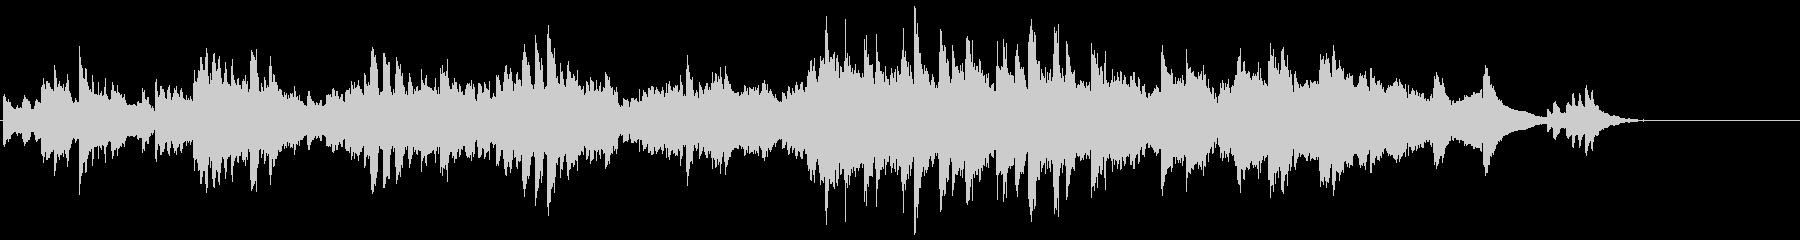 ストリングス・ピアノ・感動・優しいBの未再生の波形